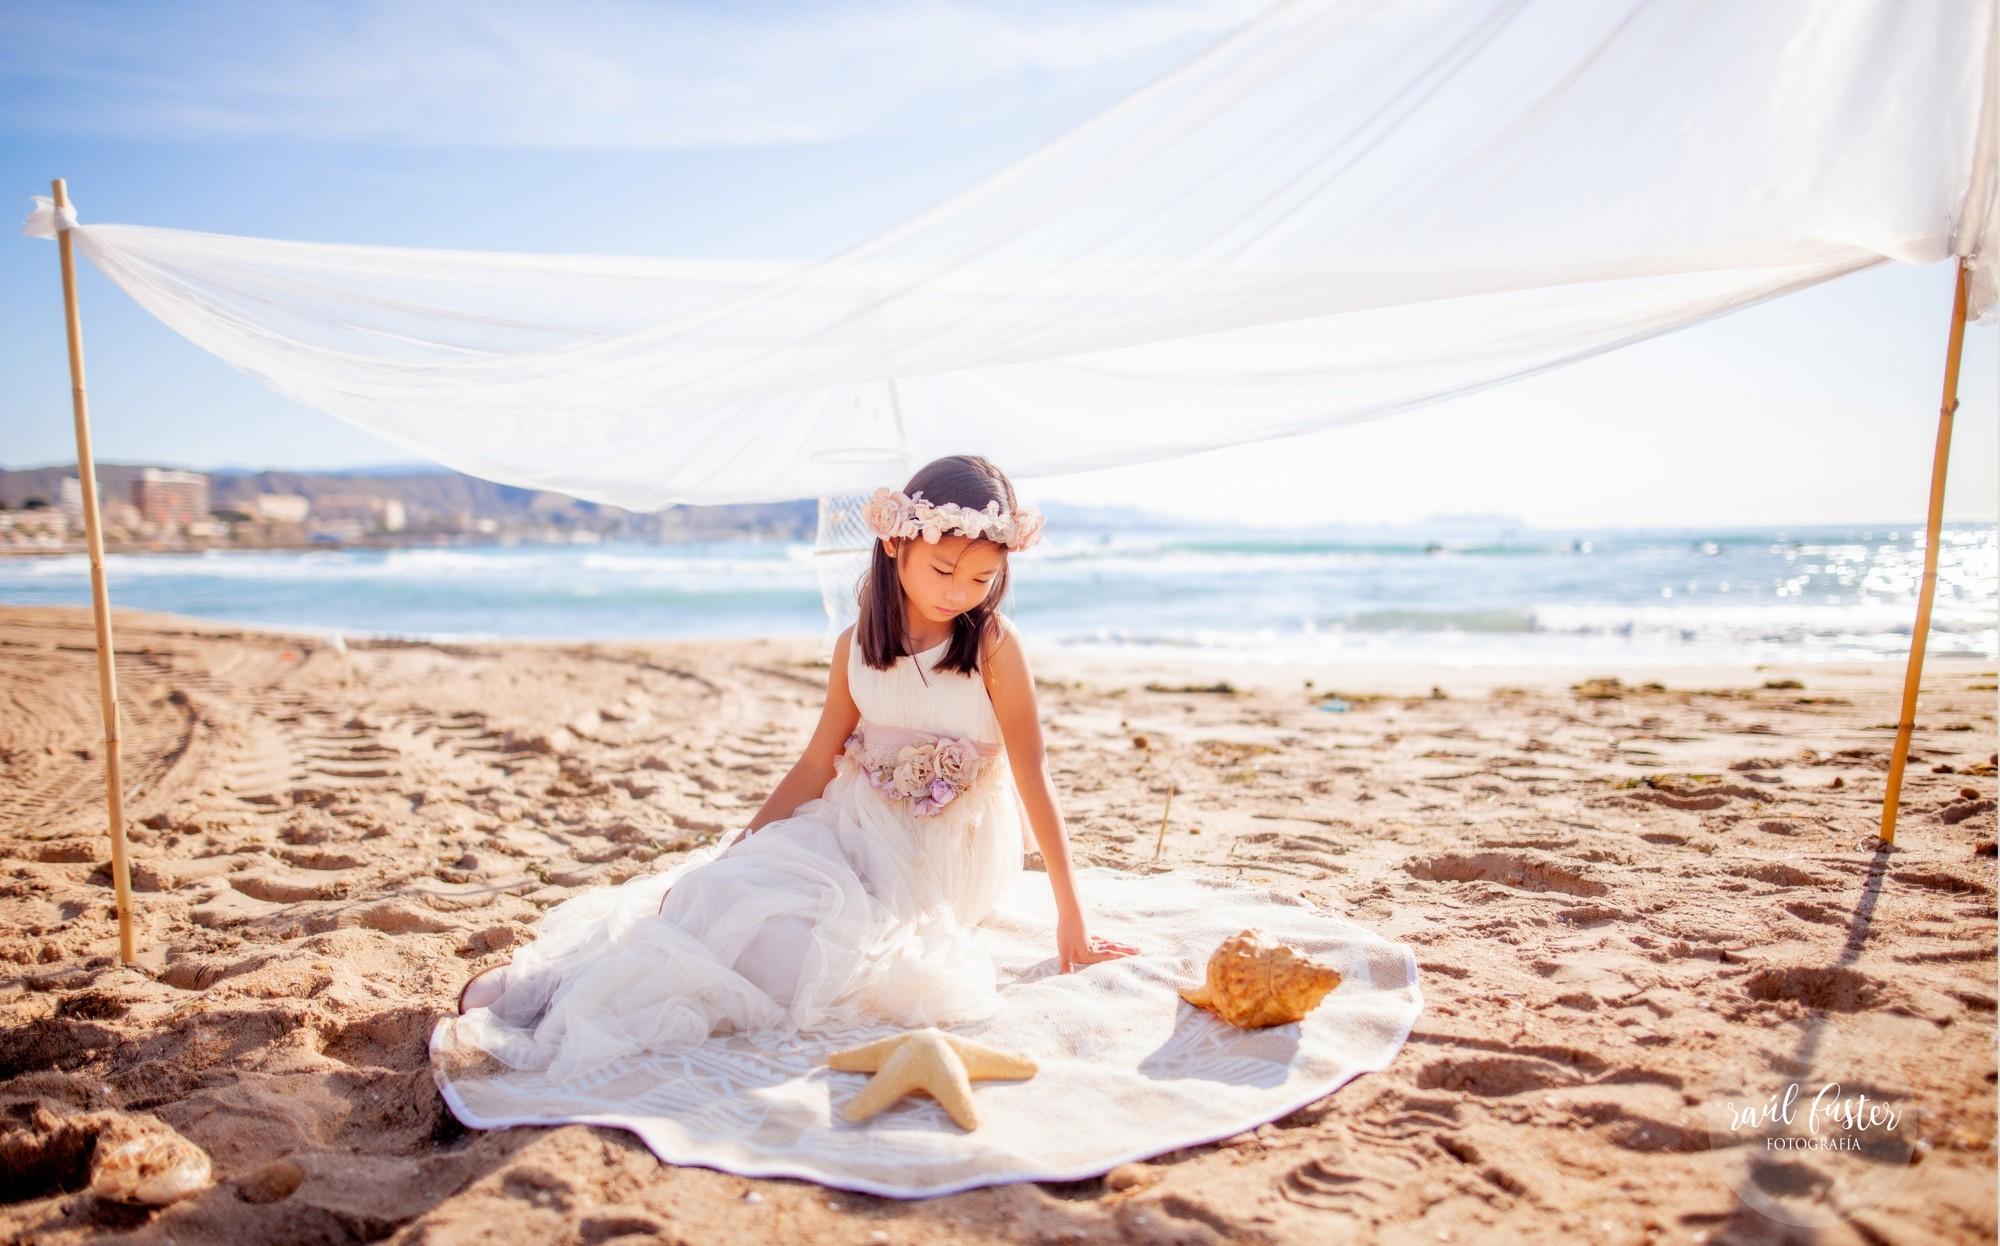 Raul-Fuster-Fotografía-Fotografo-Castalla-Alicante-Fotos-niña-Comunión-en-la-playa-vestido-Hortensia-Maeso-Diseñadora (8)